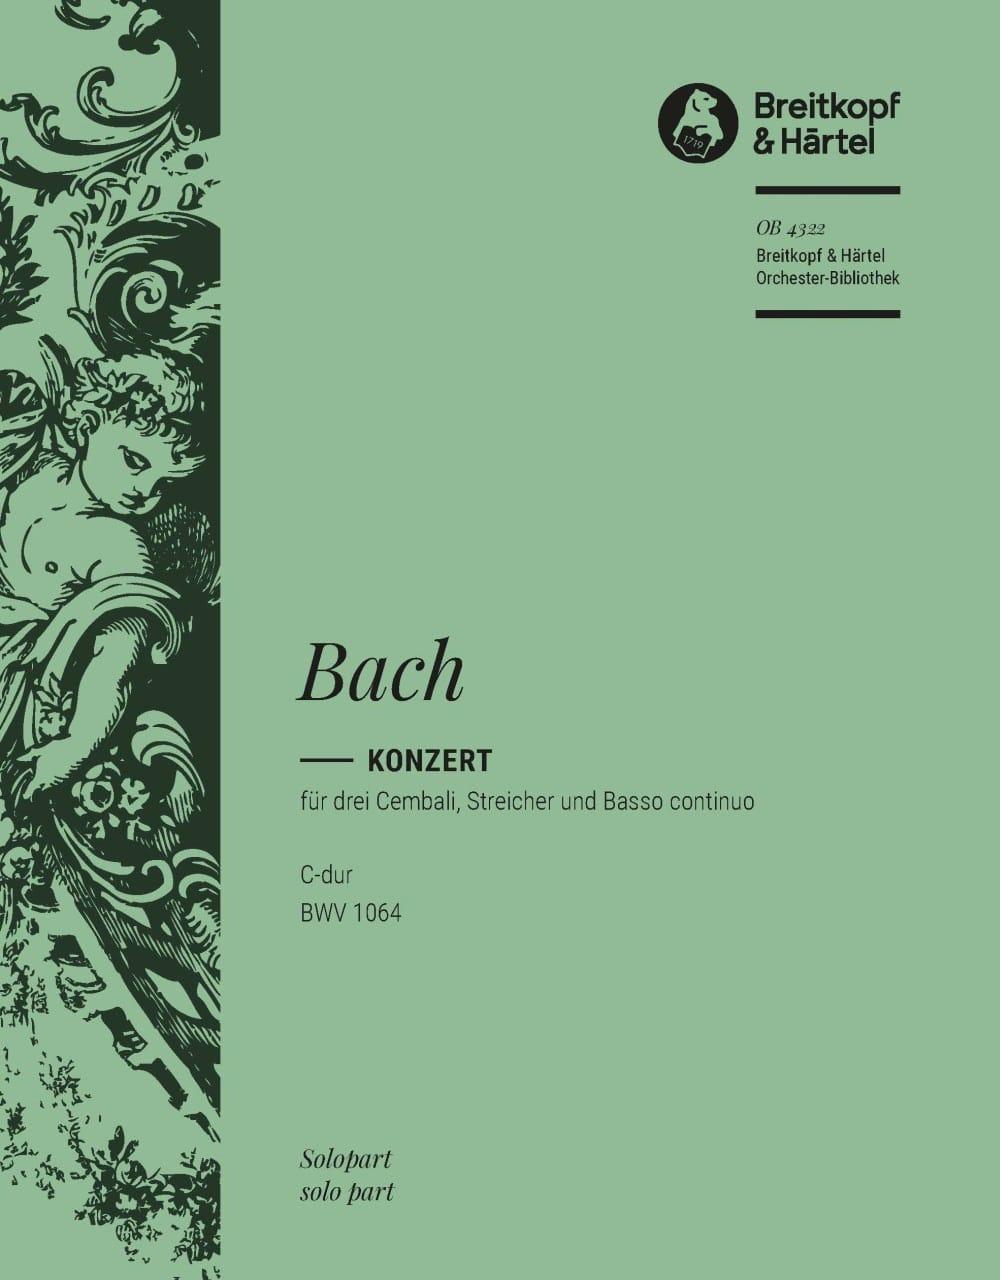 Concerto Pour 3 Claviers BWV 1064. Clavecin 3 - laflutedepan.com